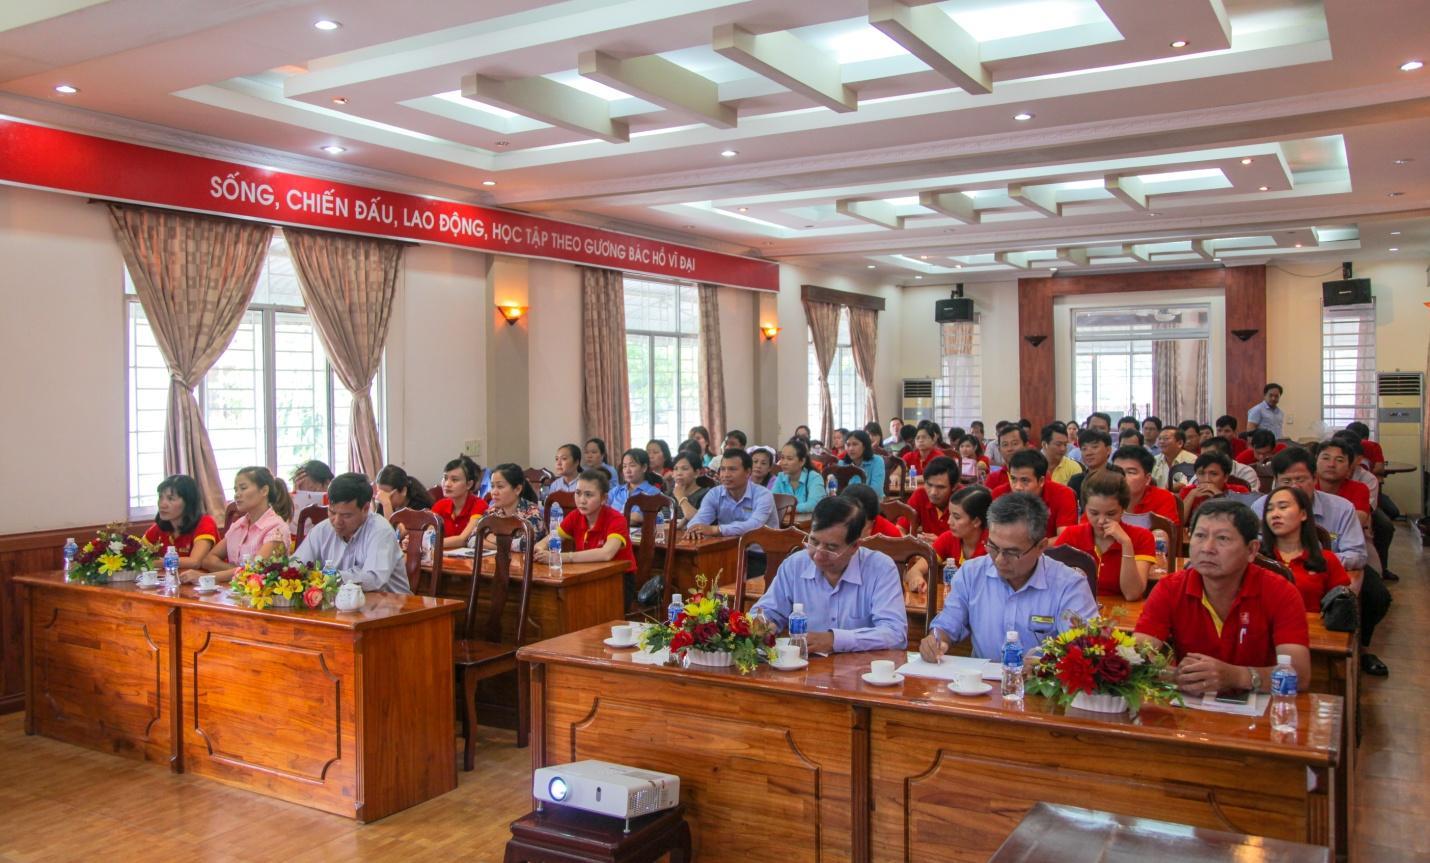 Description: 2. Các đảng viên nghiêm túc lắng nghe nội dung cụ thể của 3 Nghị quyết đã được thông qua tại Hội nghị lần thứ 5 Ban chấp hành Trung ương khóa XII.jpg